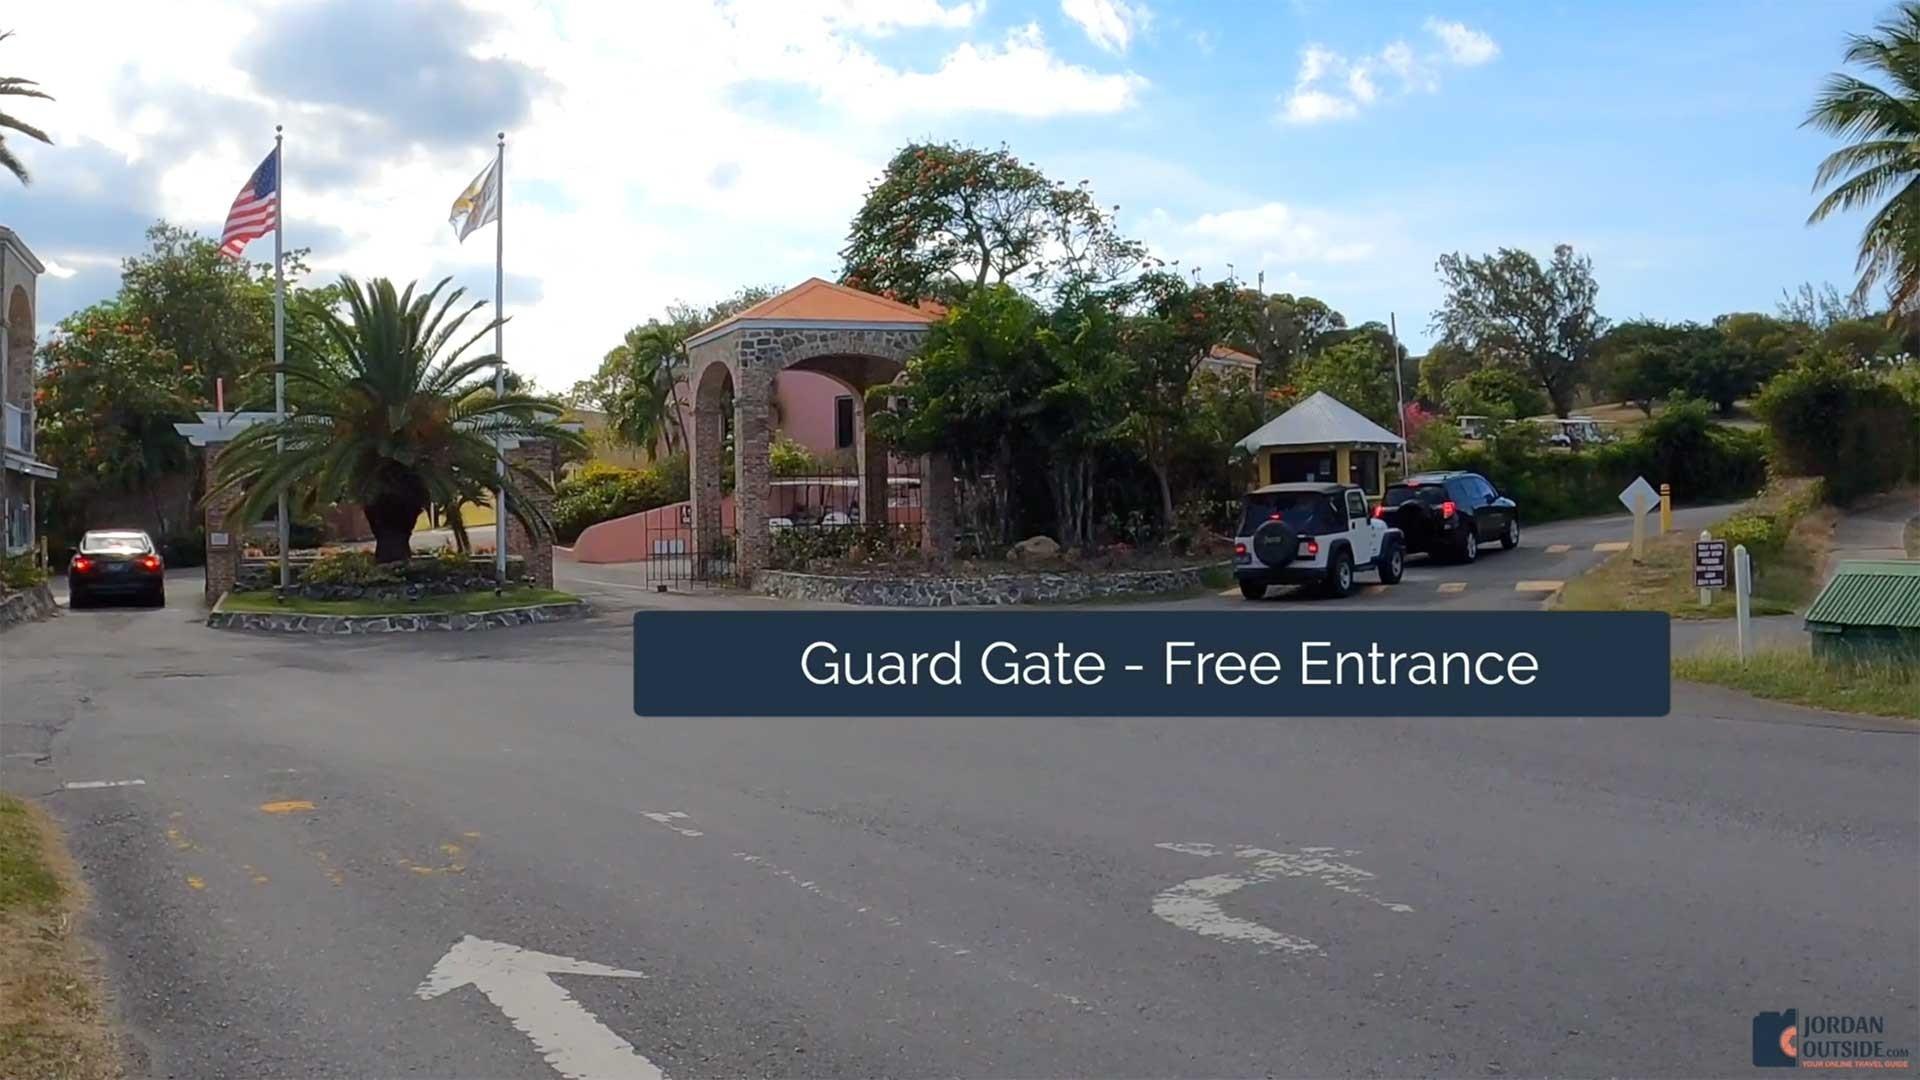 Shoys Beach Guard Gate, St. Croix